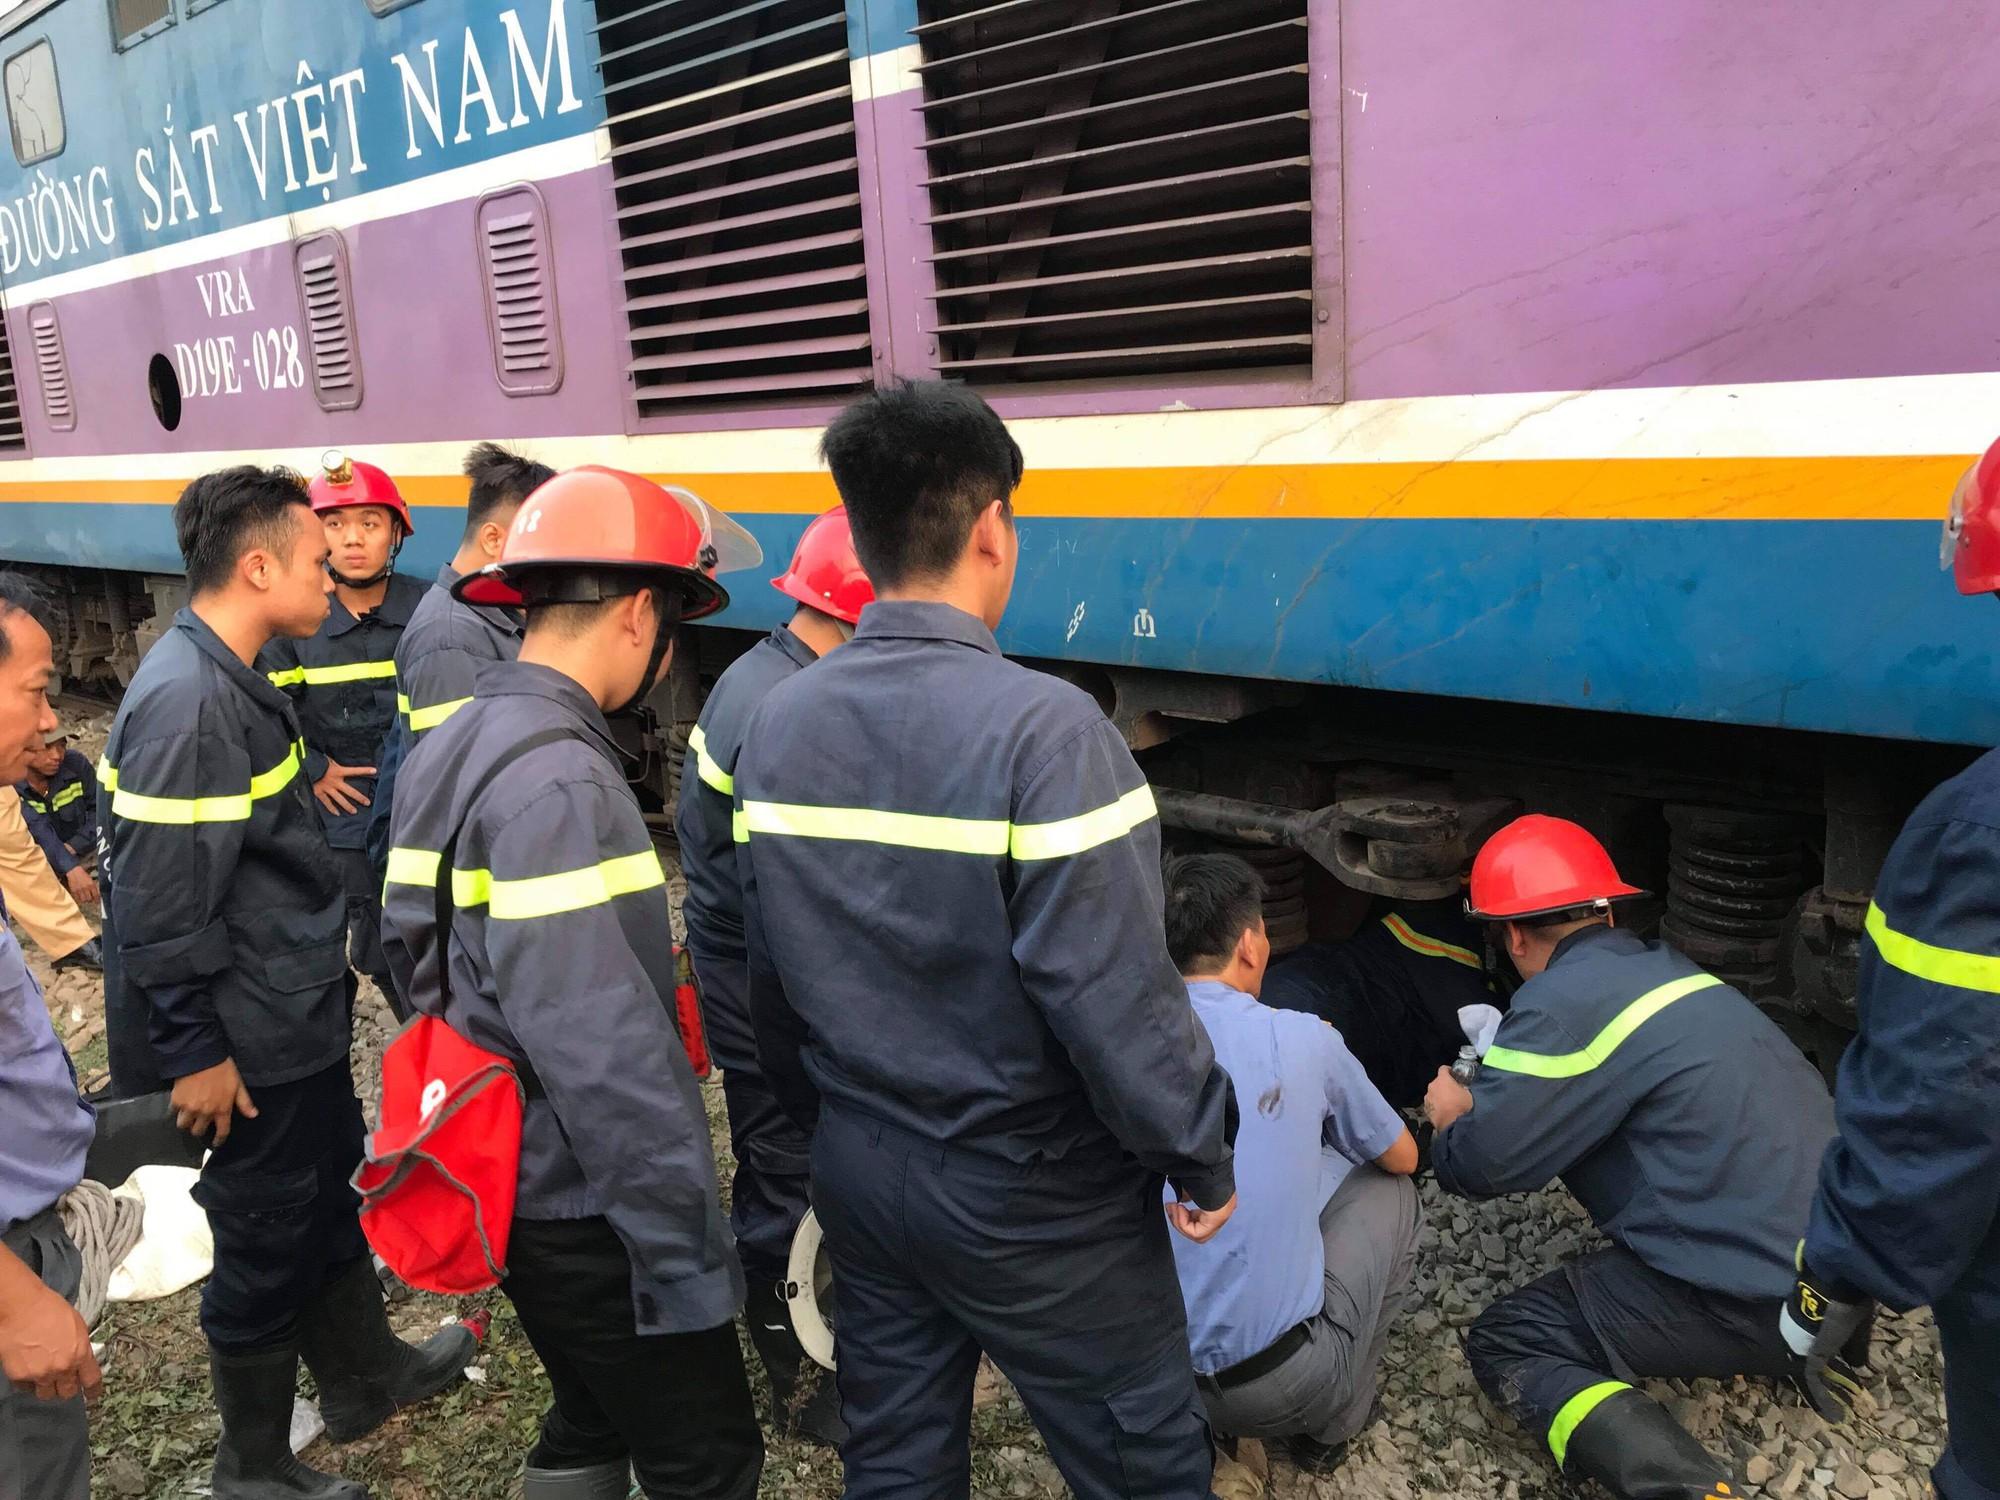 Hàng chục cảnh sát giải cứu người đàn ông mắc kẹt dưới gầm tàu hỏa - Ảnh 1.